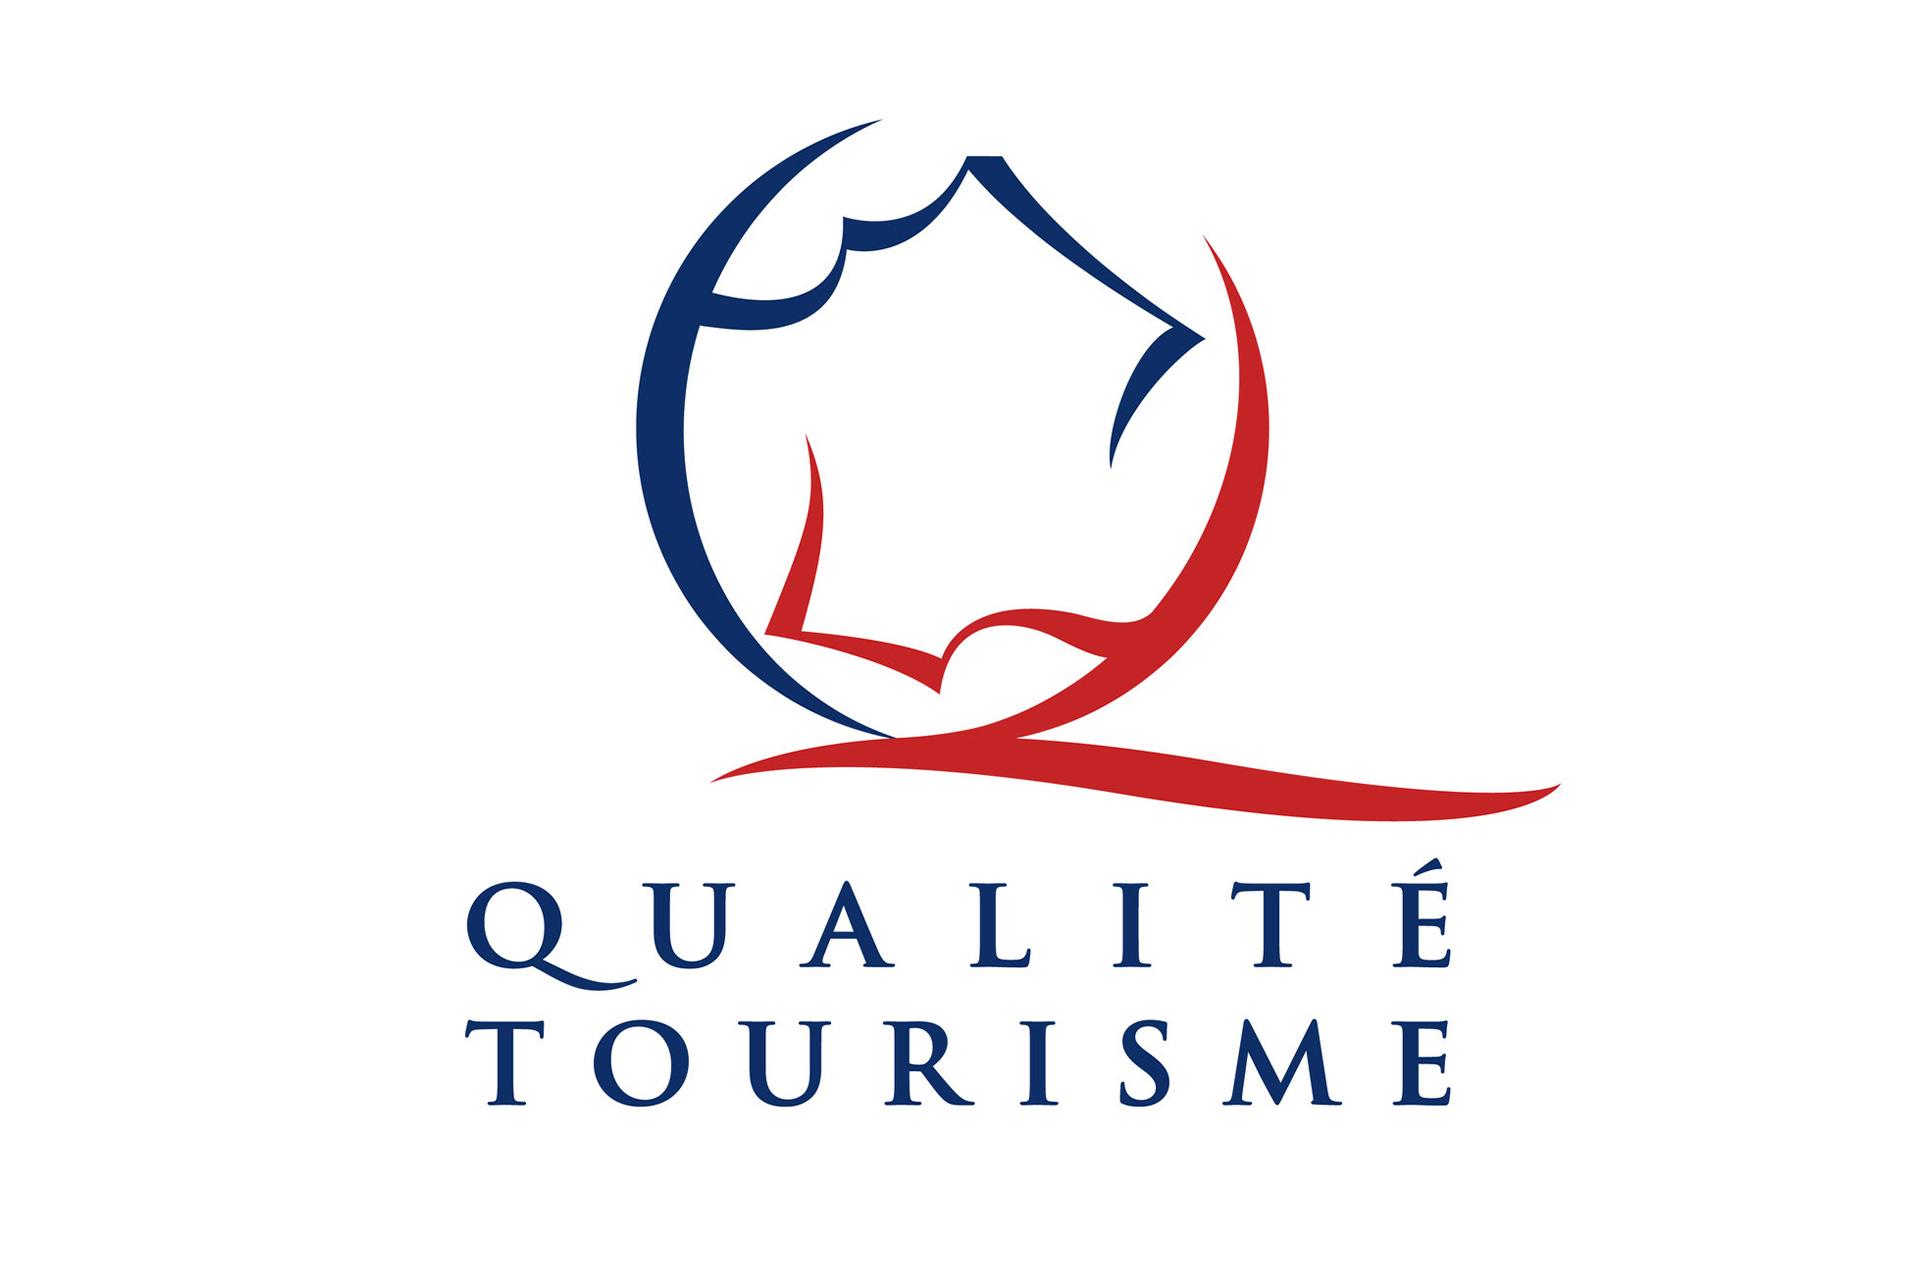 Tourismus Qualitätsmarke - © Office de Tourisme de Manigod